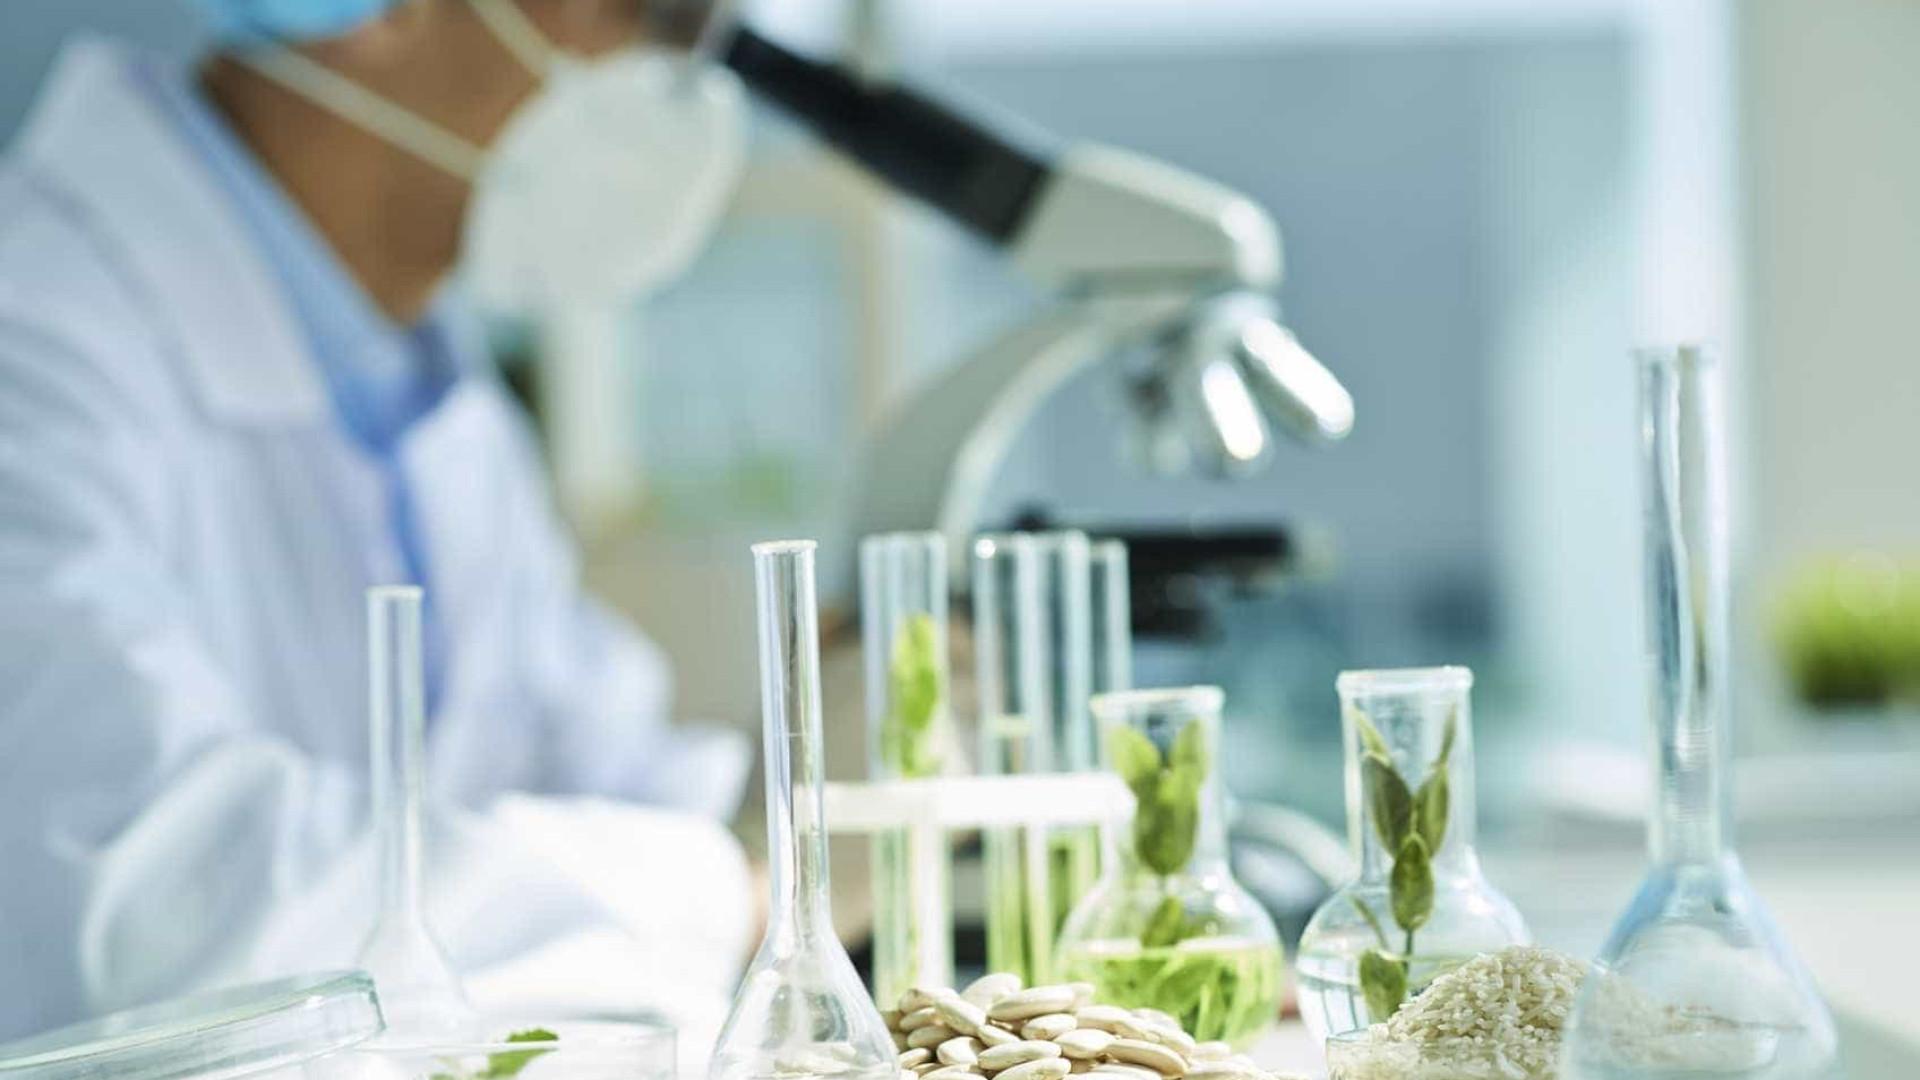 """Novos laboratórios vão gerar """"emprego"""" de Bragança ao Algarve"""